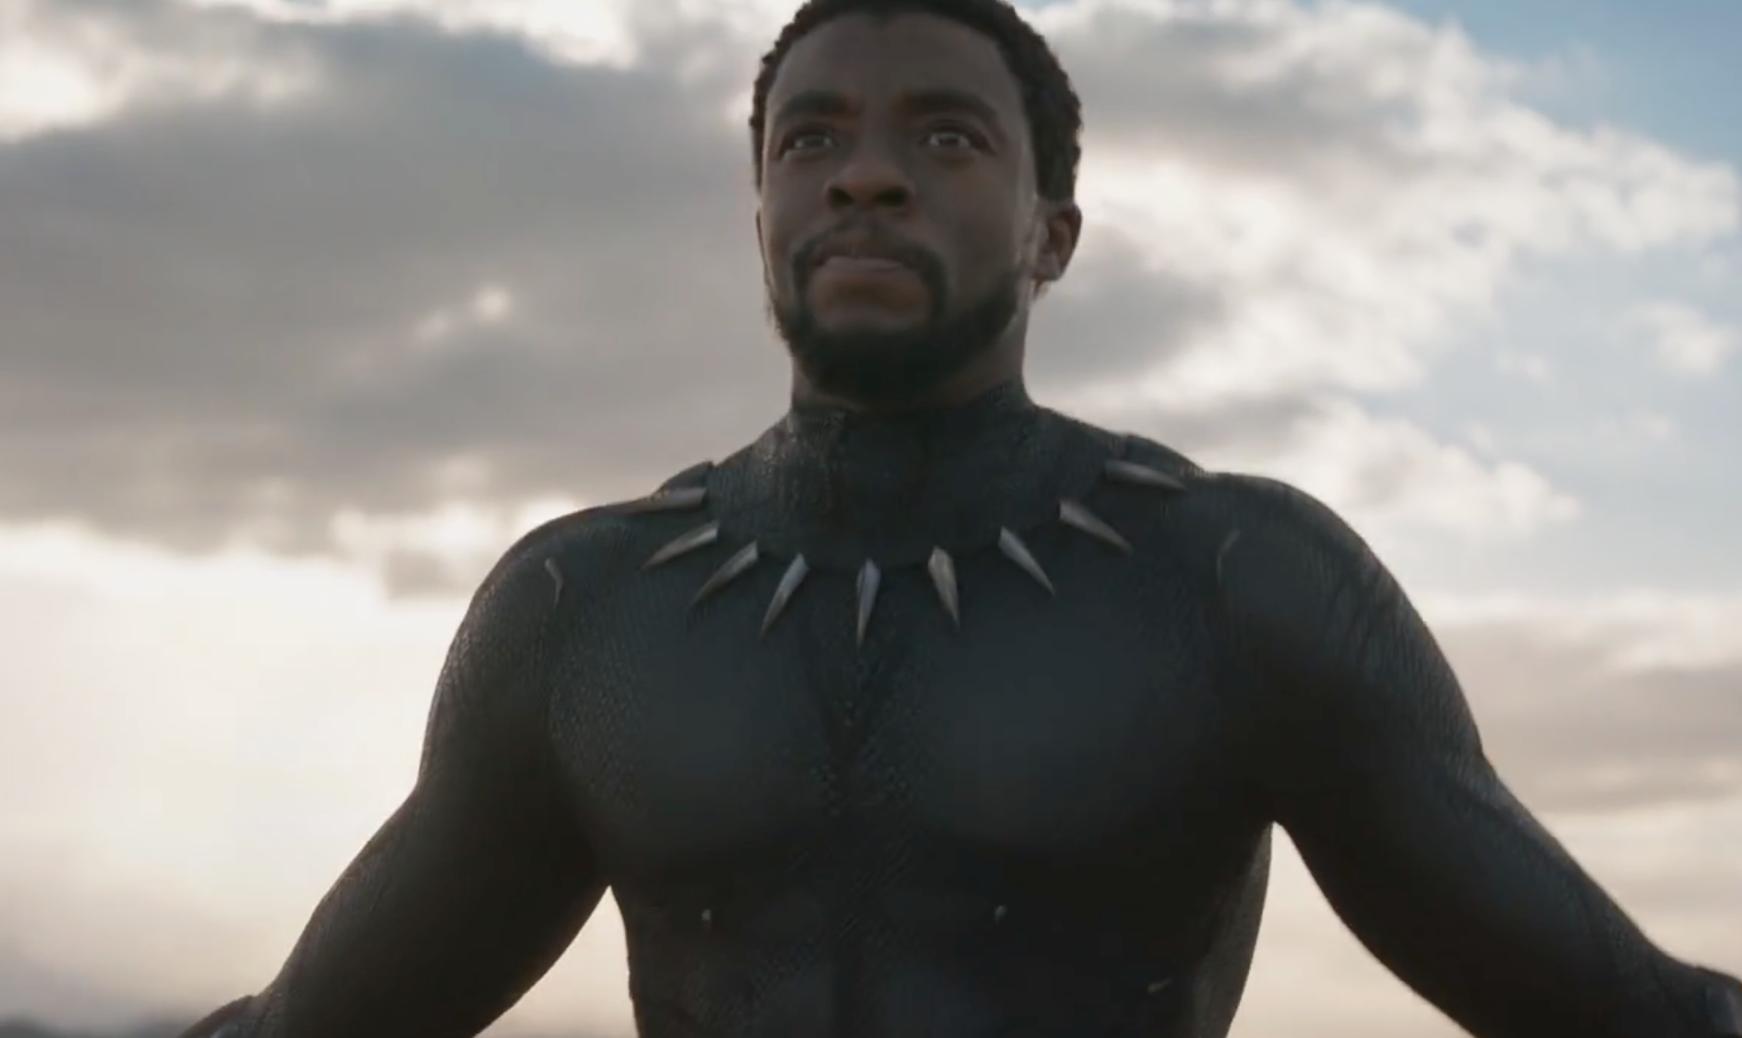 'Black Panther' Teaser Trailer: Ryan Coogler Goes From Indie Darling to Spectacular Blockbuster Filmmaker